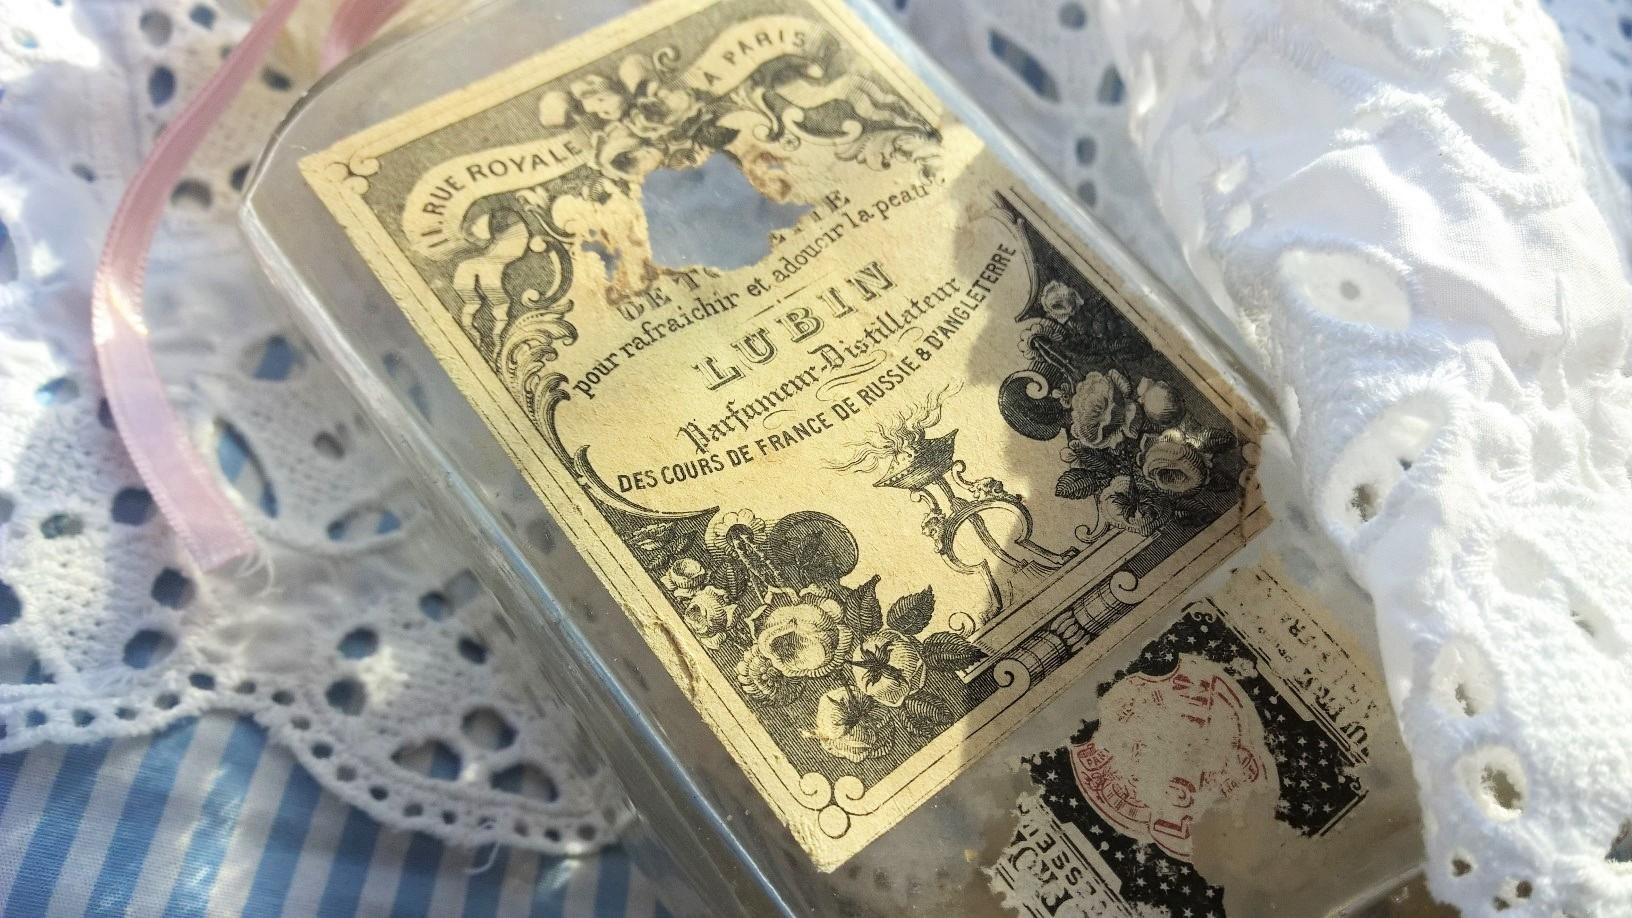 lubin eau de toilette vintage 1807 etiquette